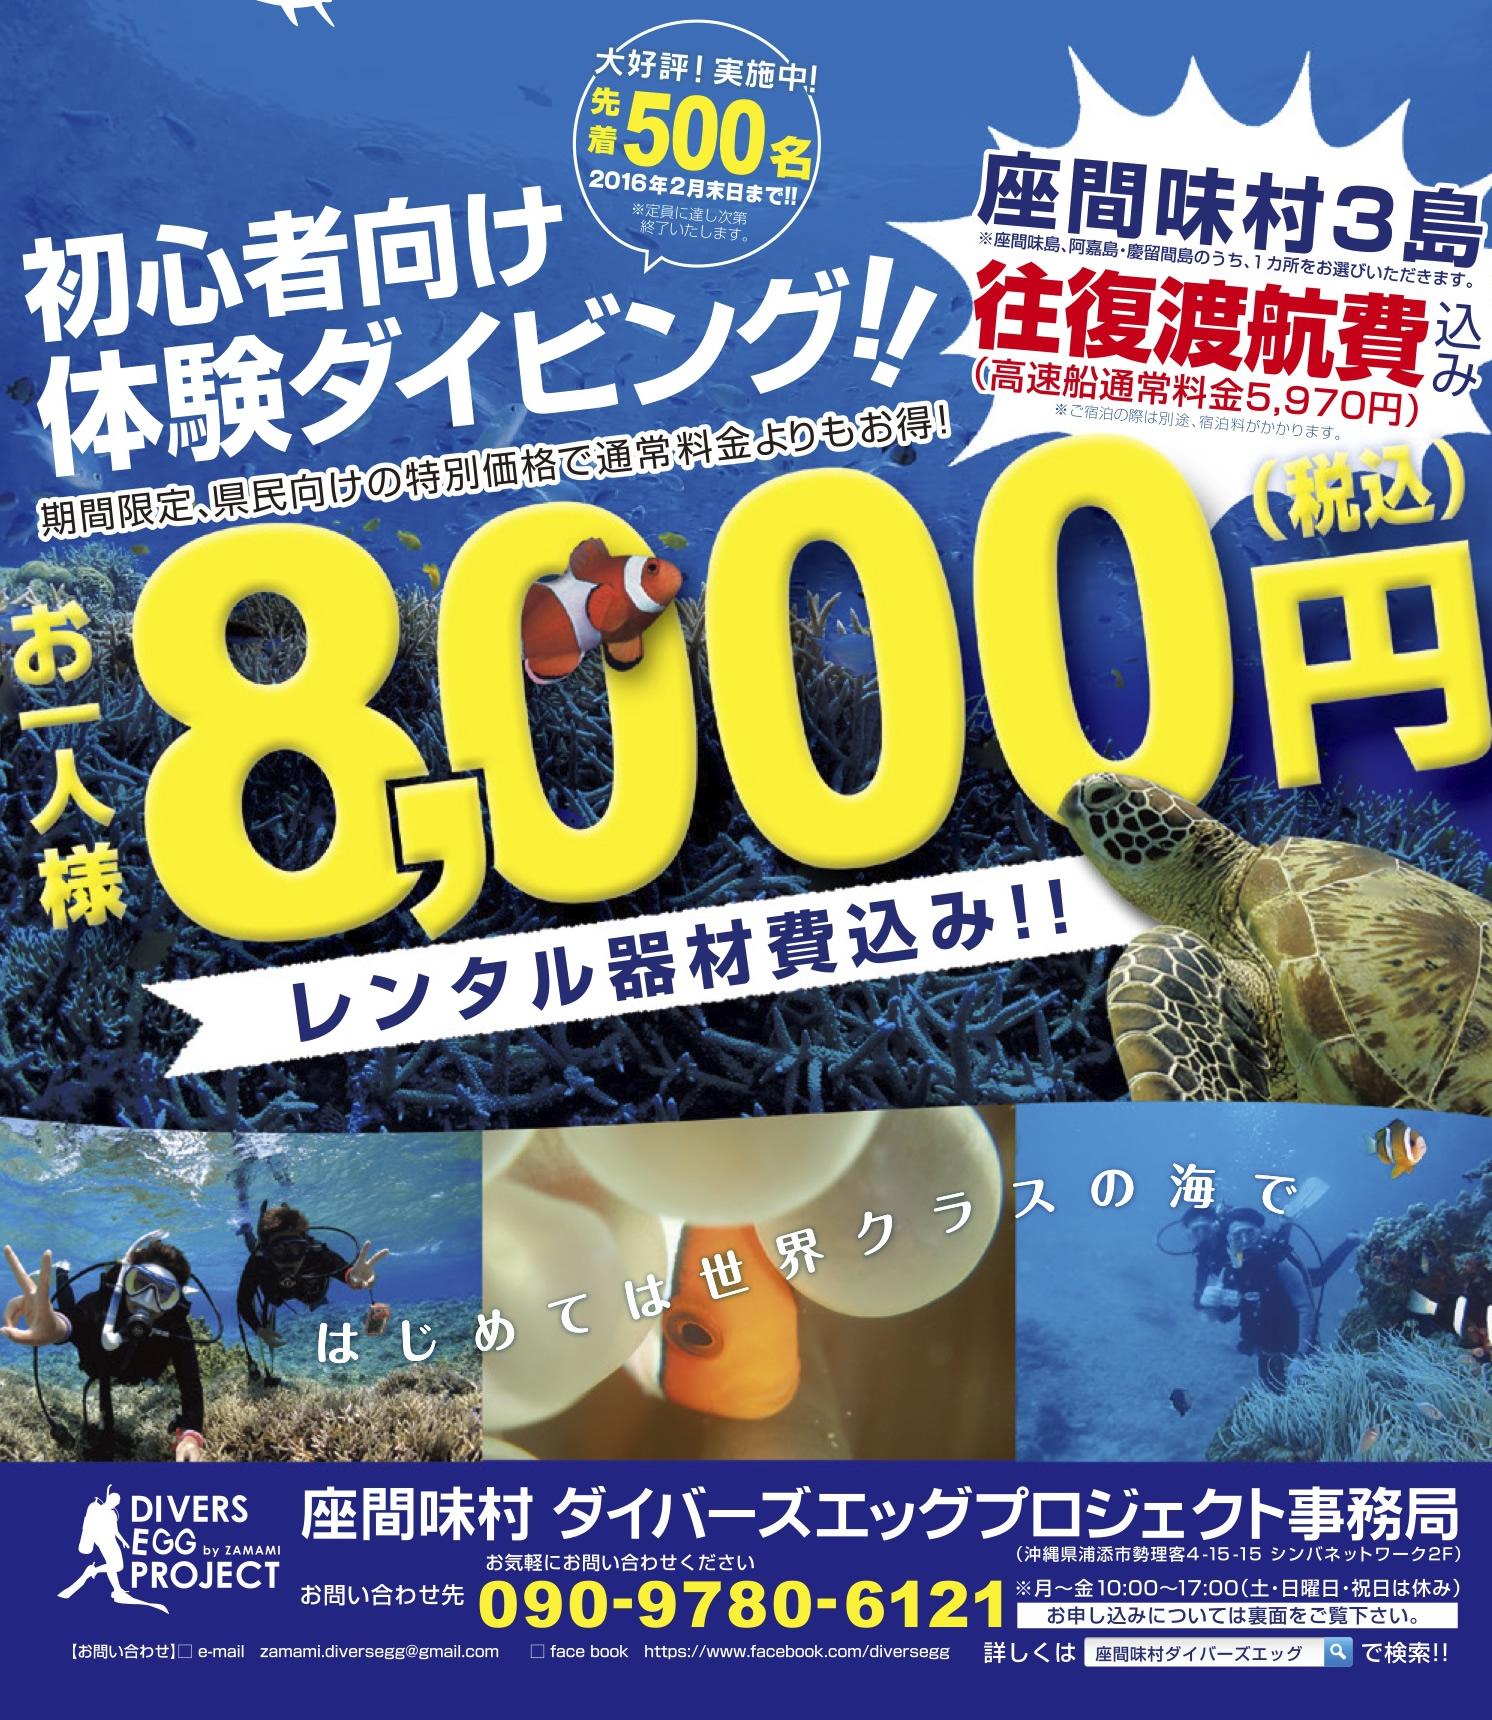 慶良間諸島 座間味島でダイビング体験が8000円で出来るって!?